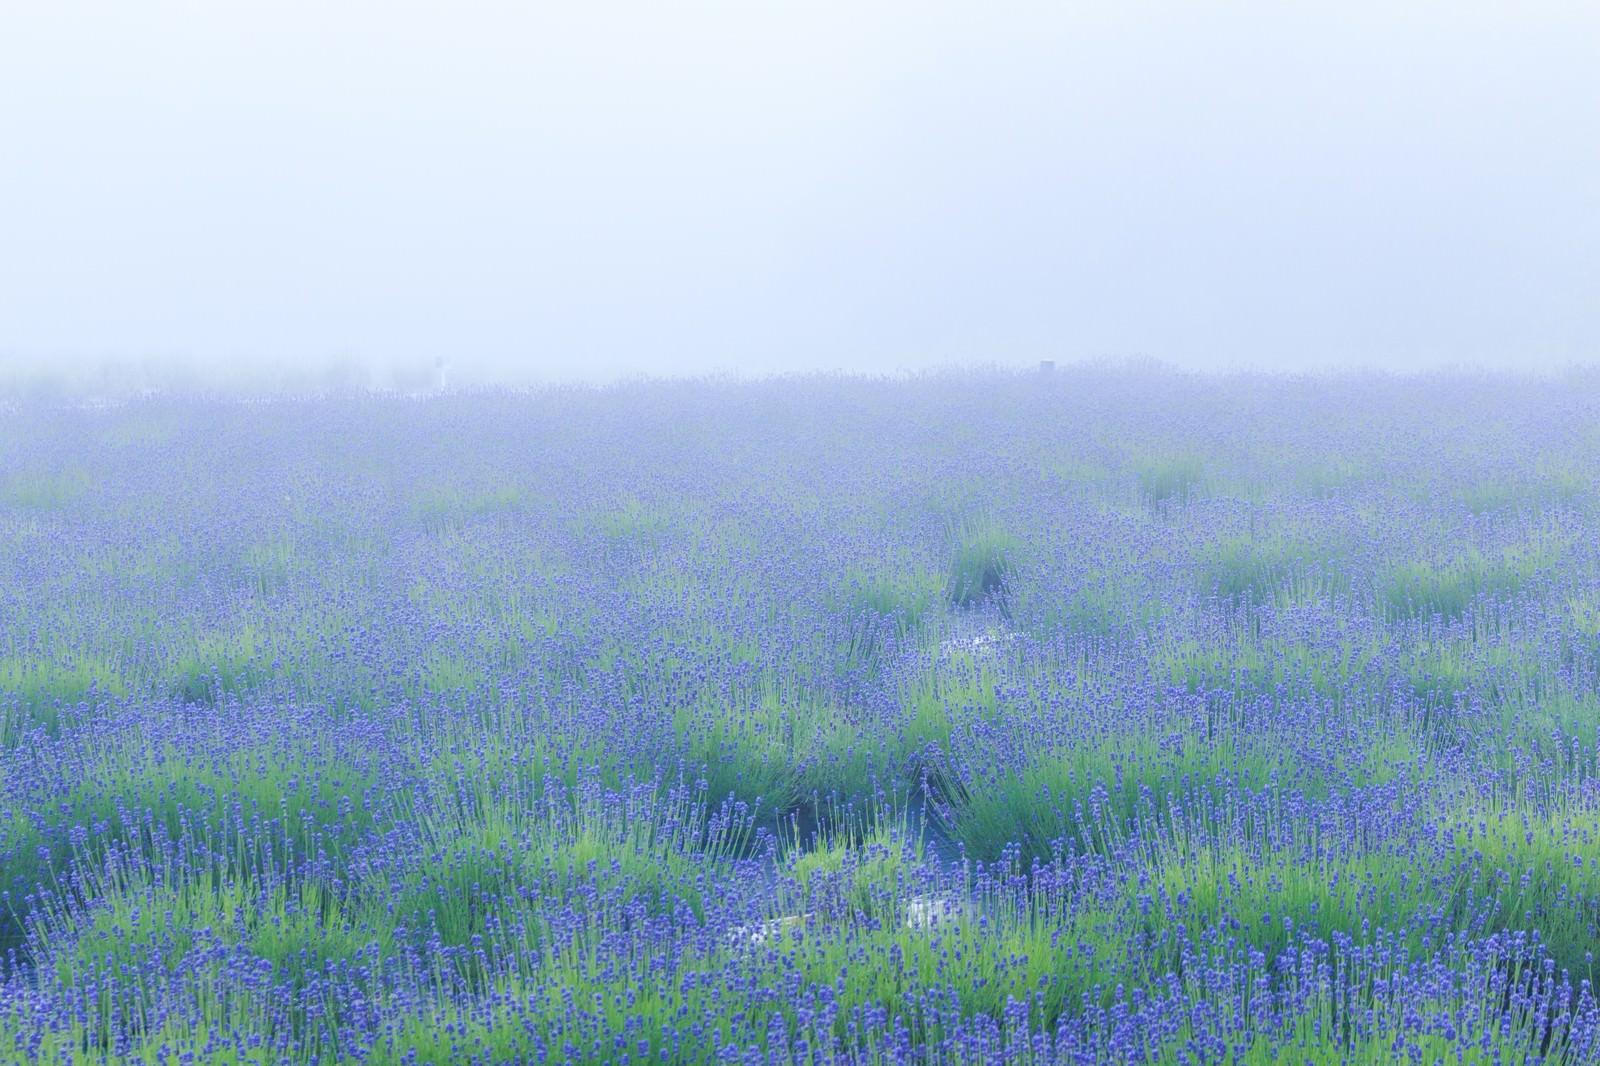 「霧の中のラベンダー畑」の写真